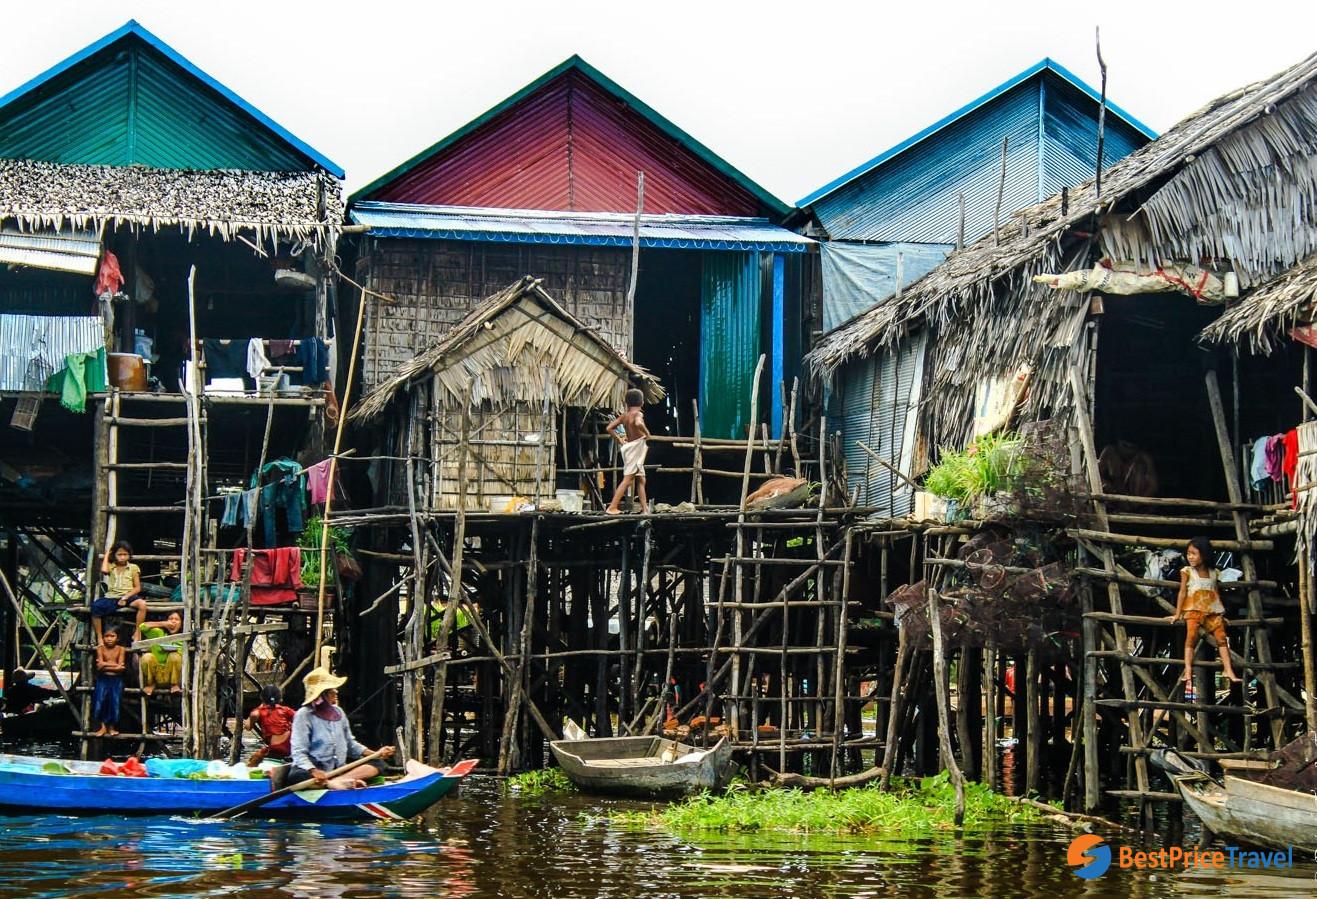 The local life on Kampong Phluk